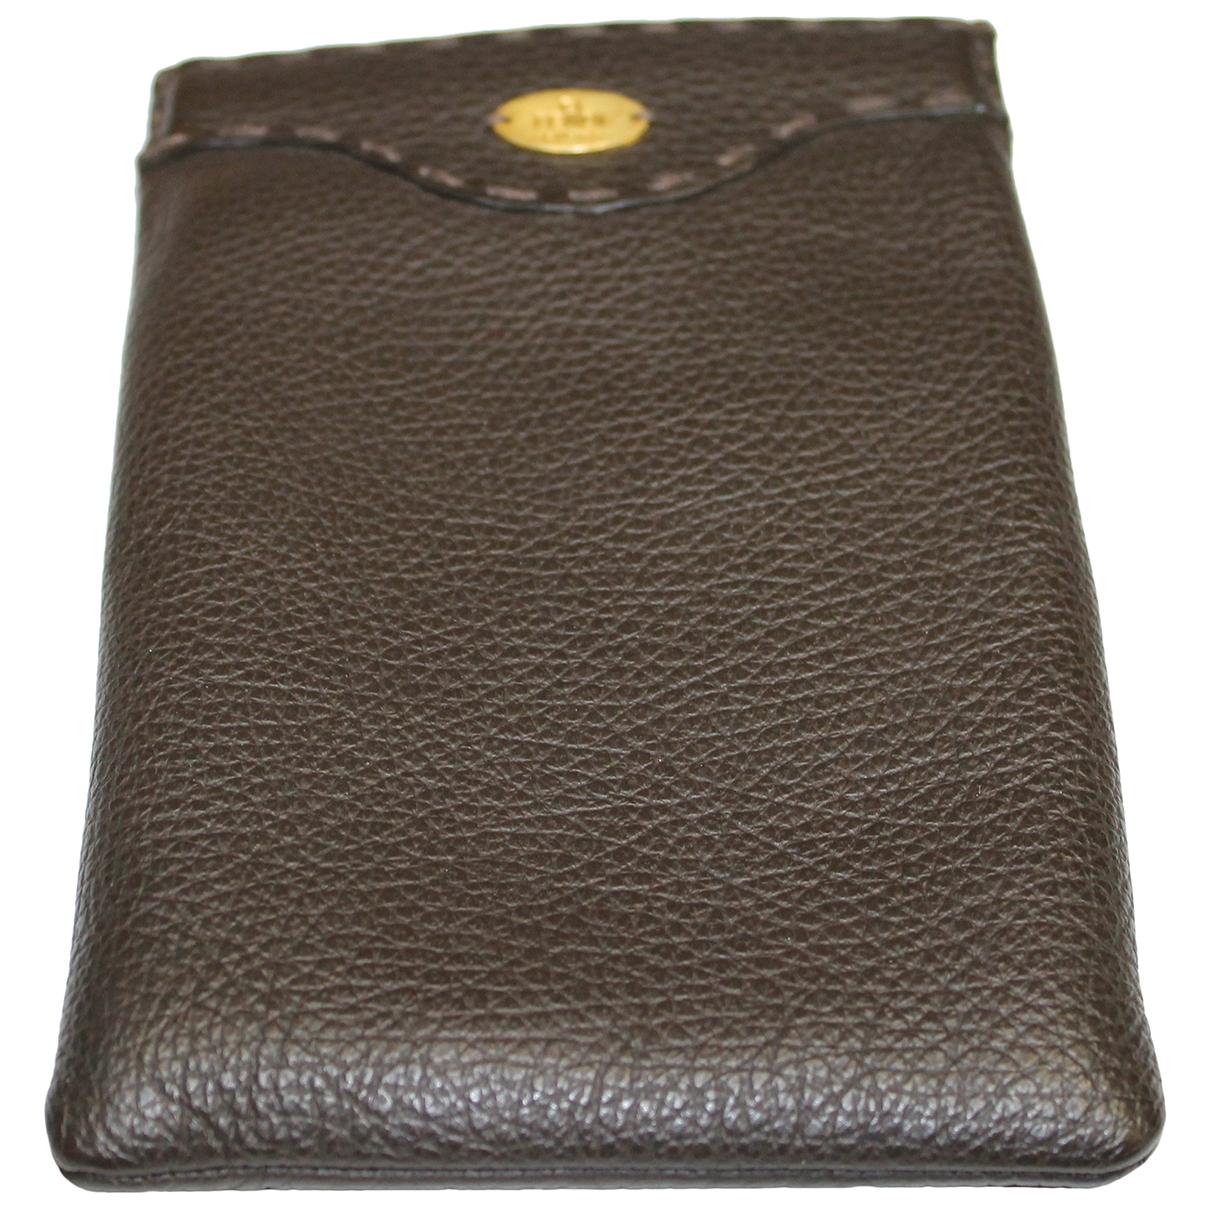 Fendi - Accessoires   pour lifestyle en cuir - marron